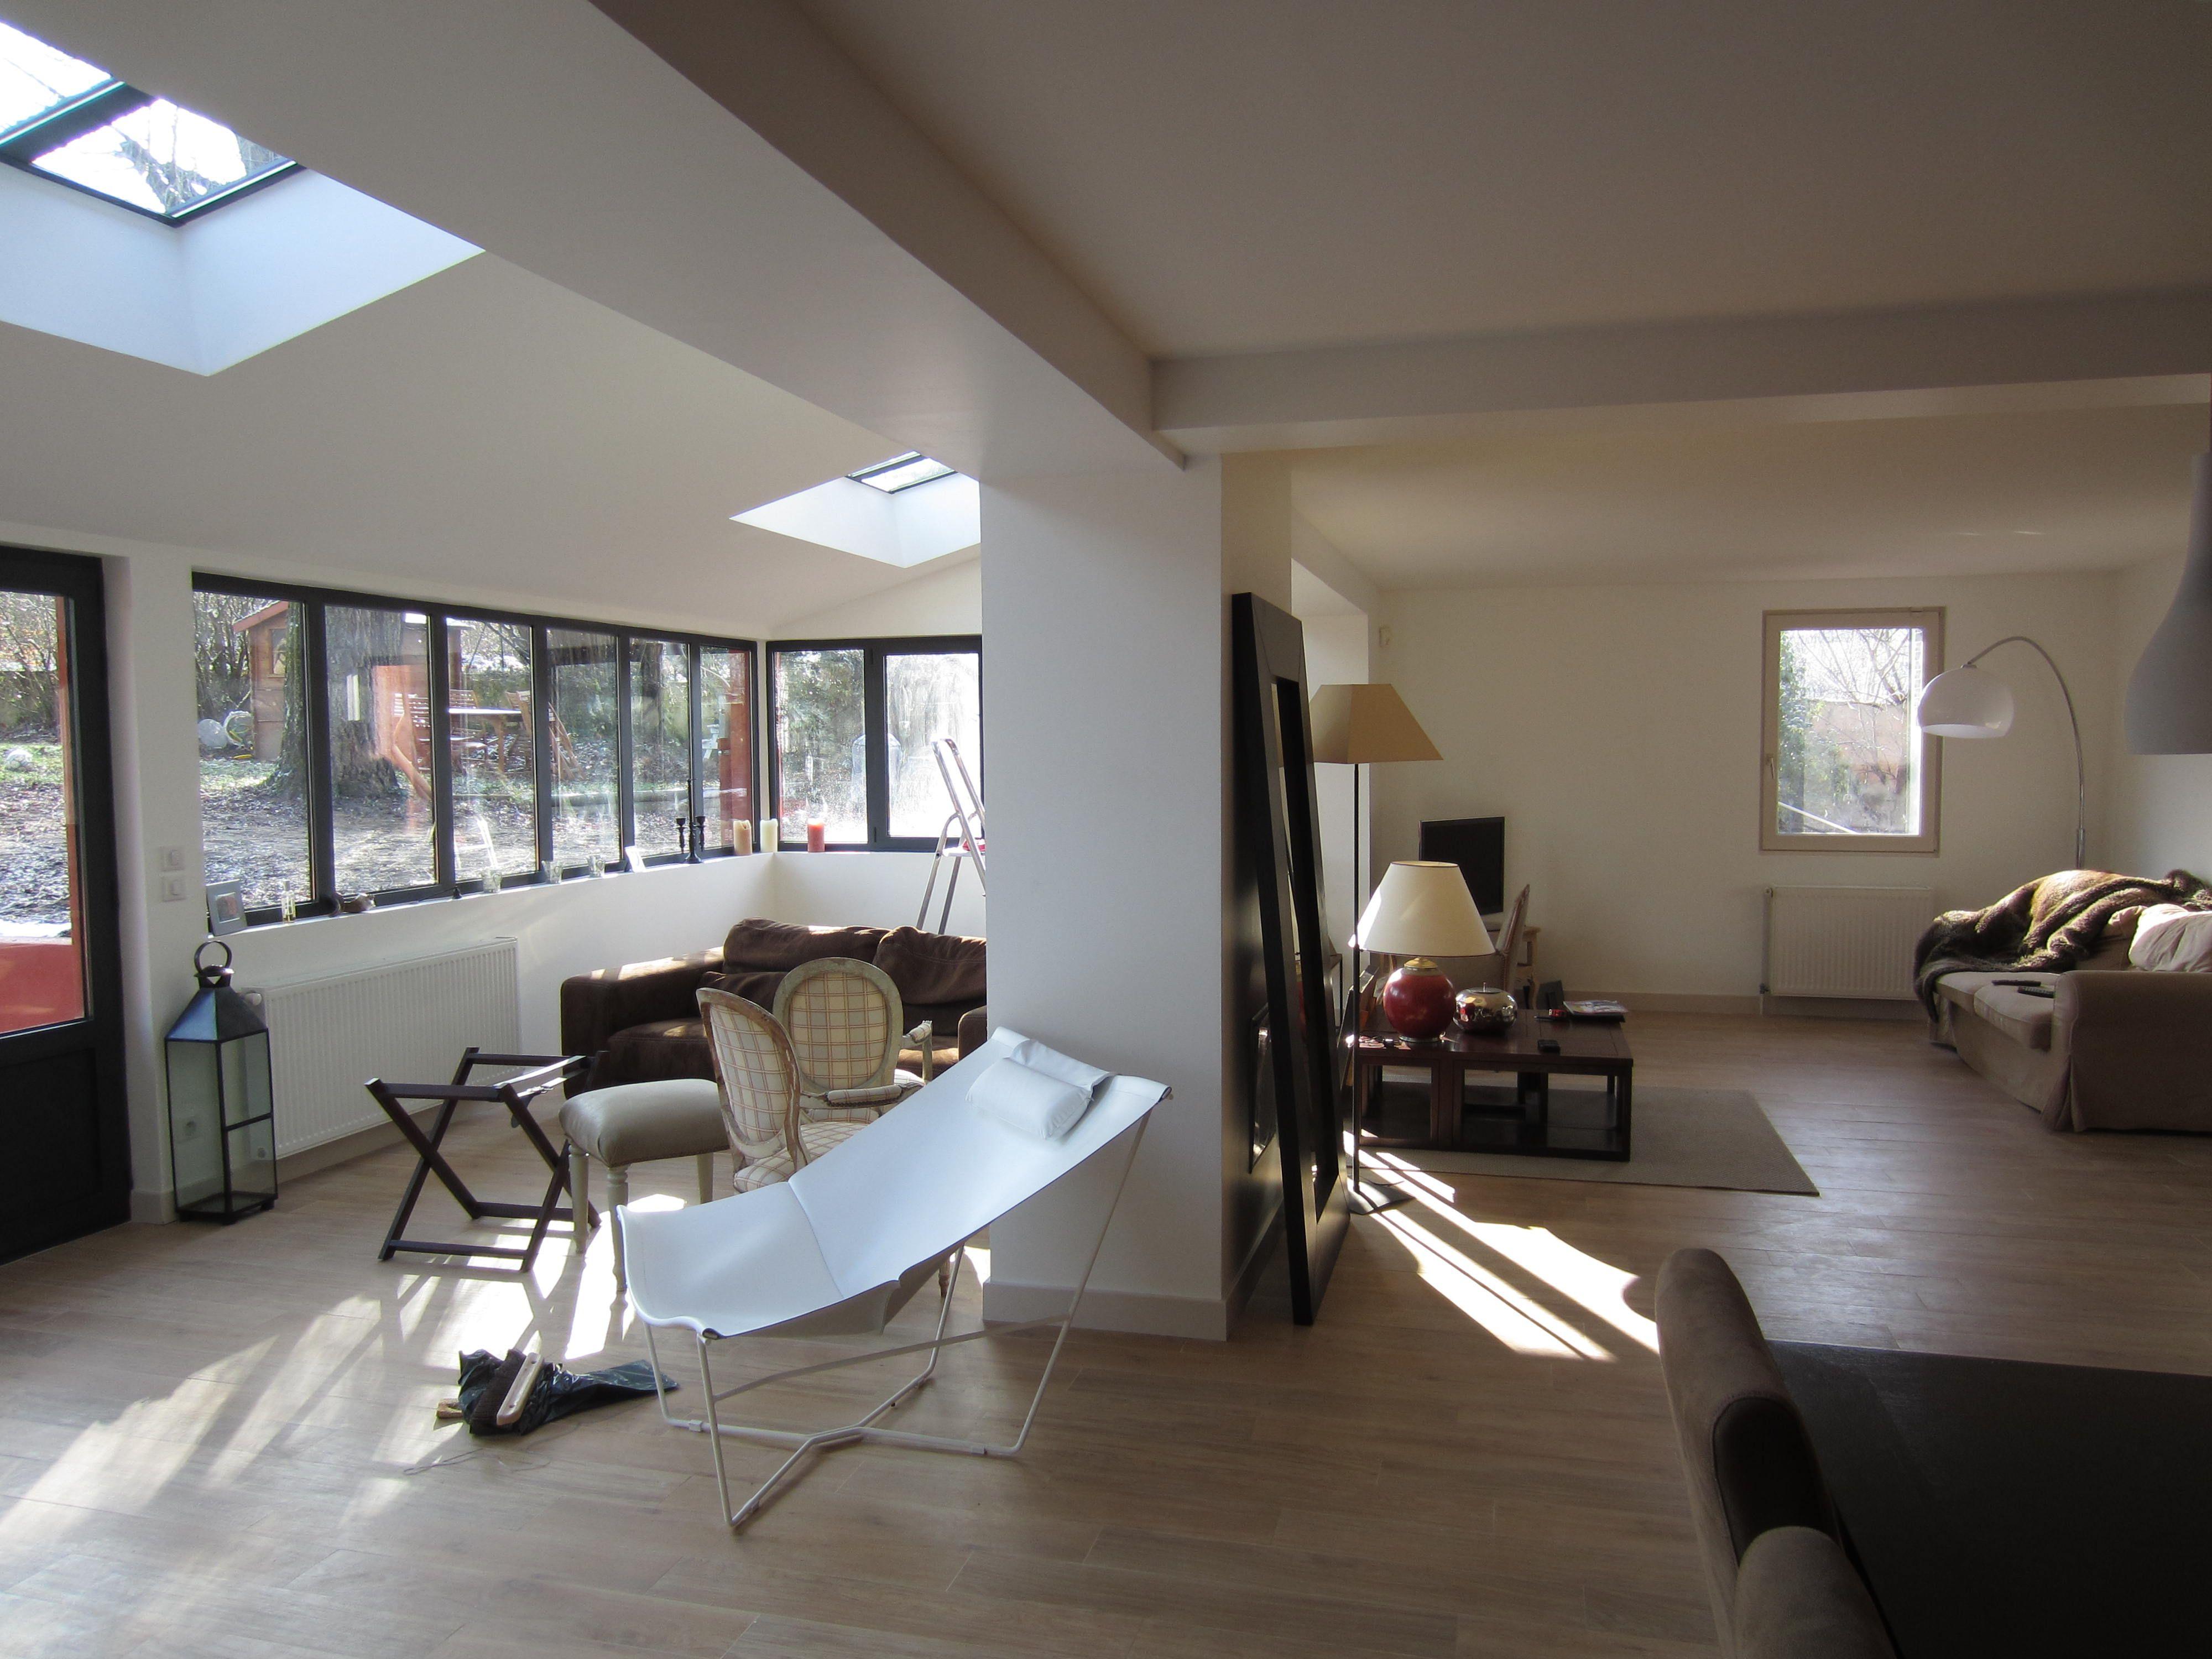 Extension agrandissement d 39 une maison individuelle for Agrandissement maison